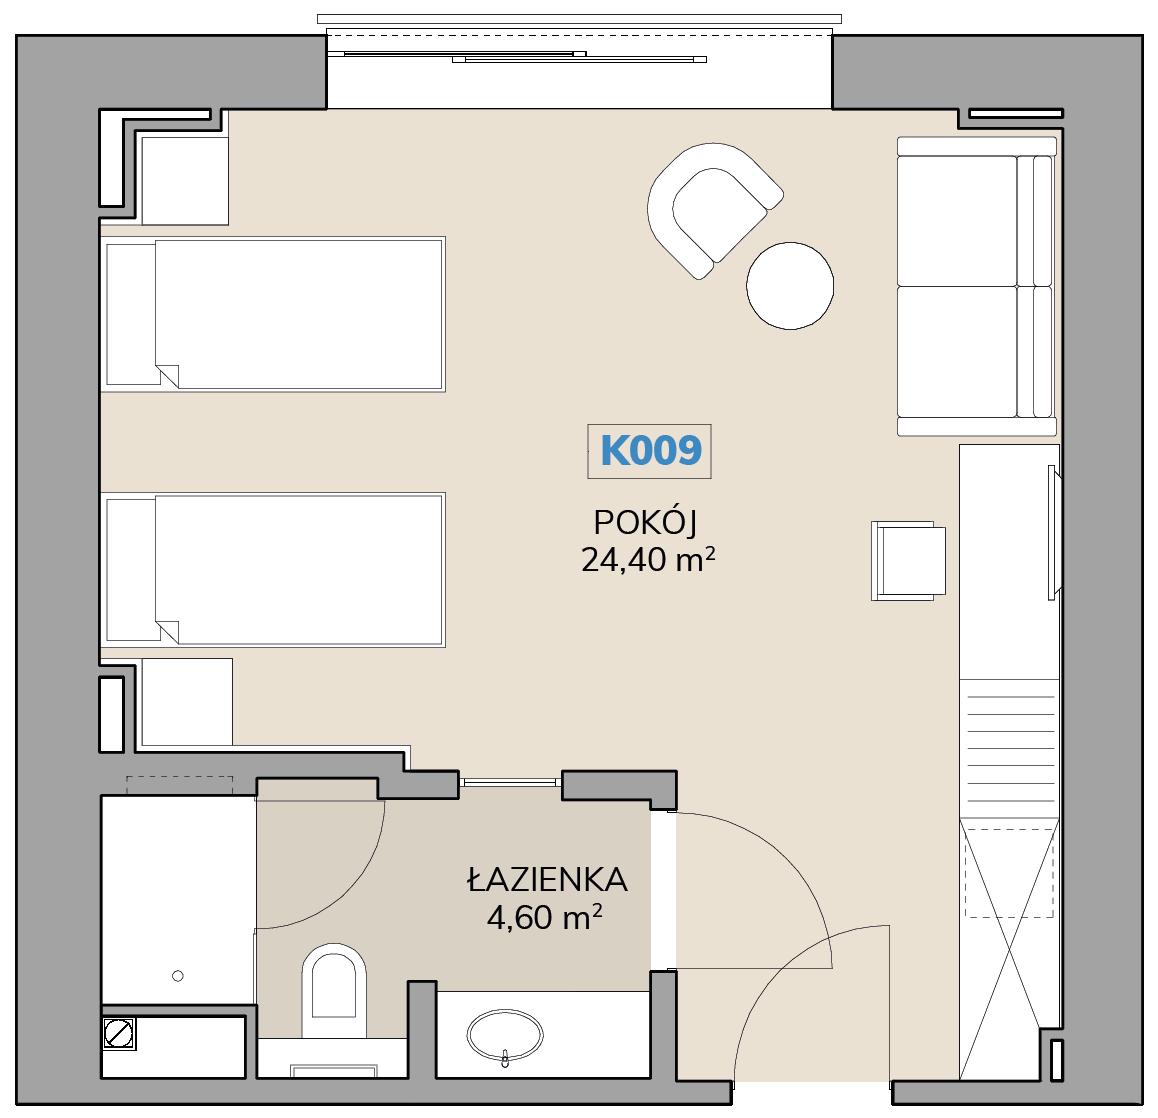 Apartament K009